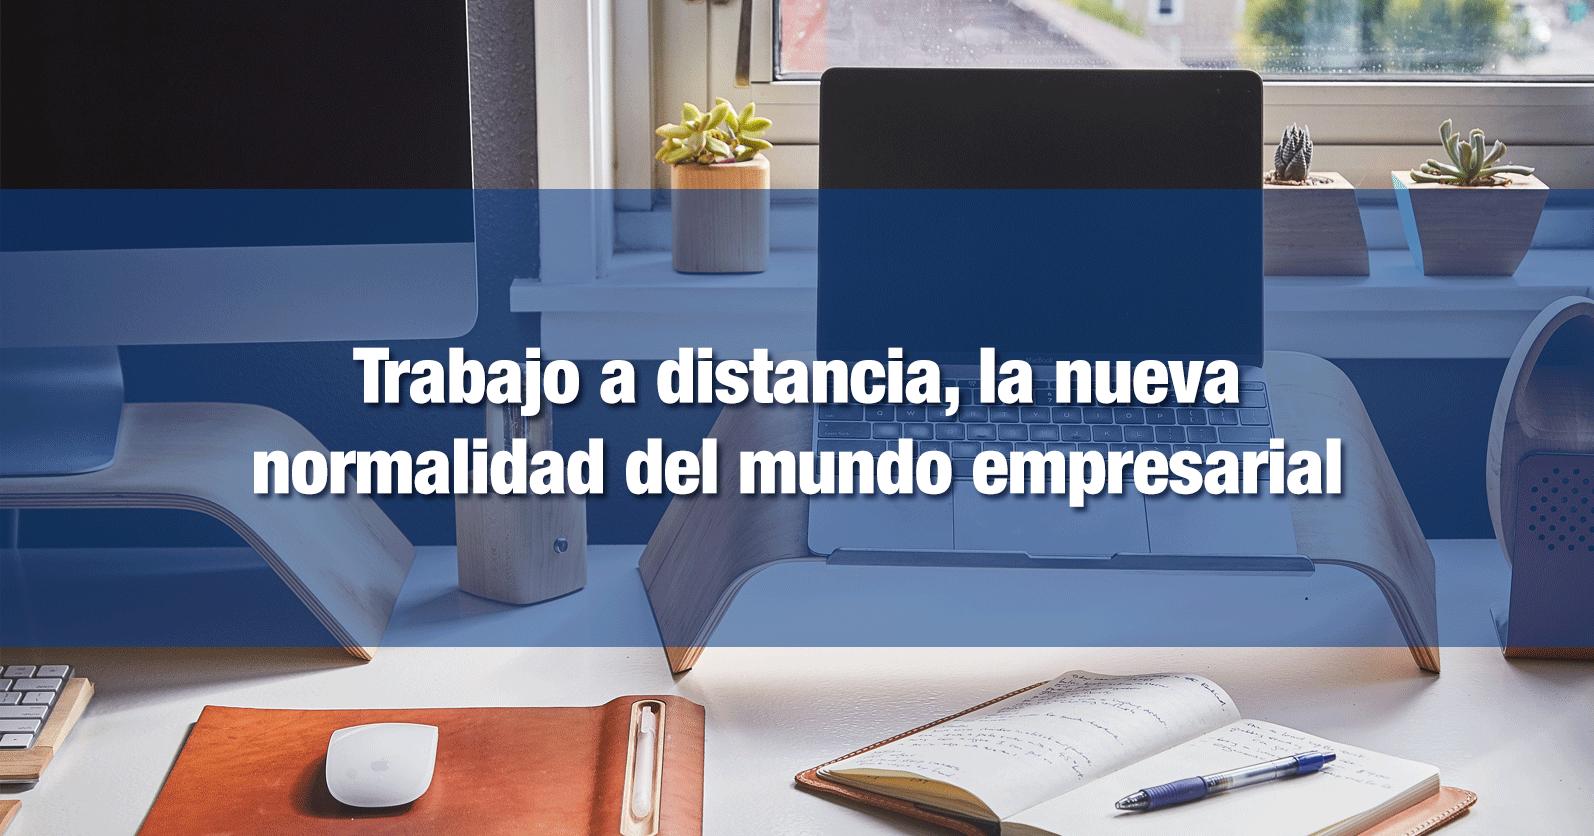 Trabajo a distancia, la nueva normalidad del mundo empresarial